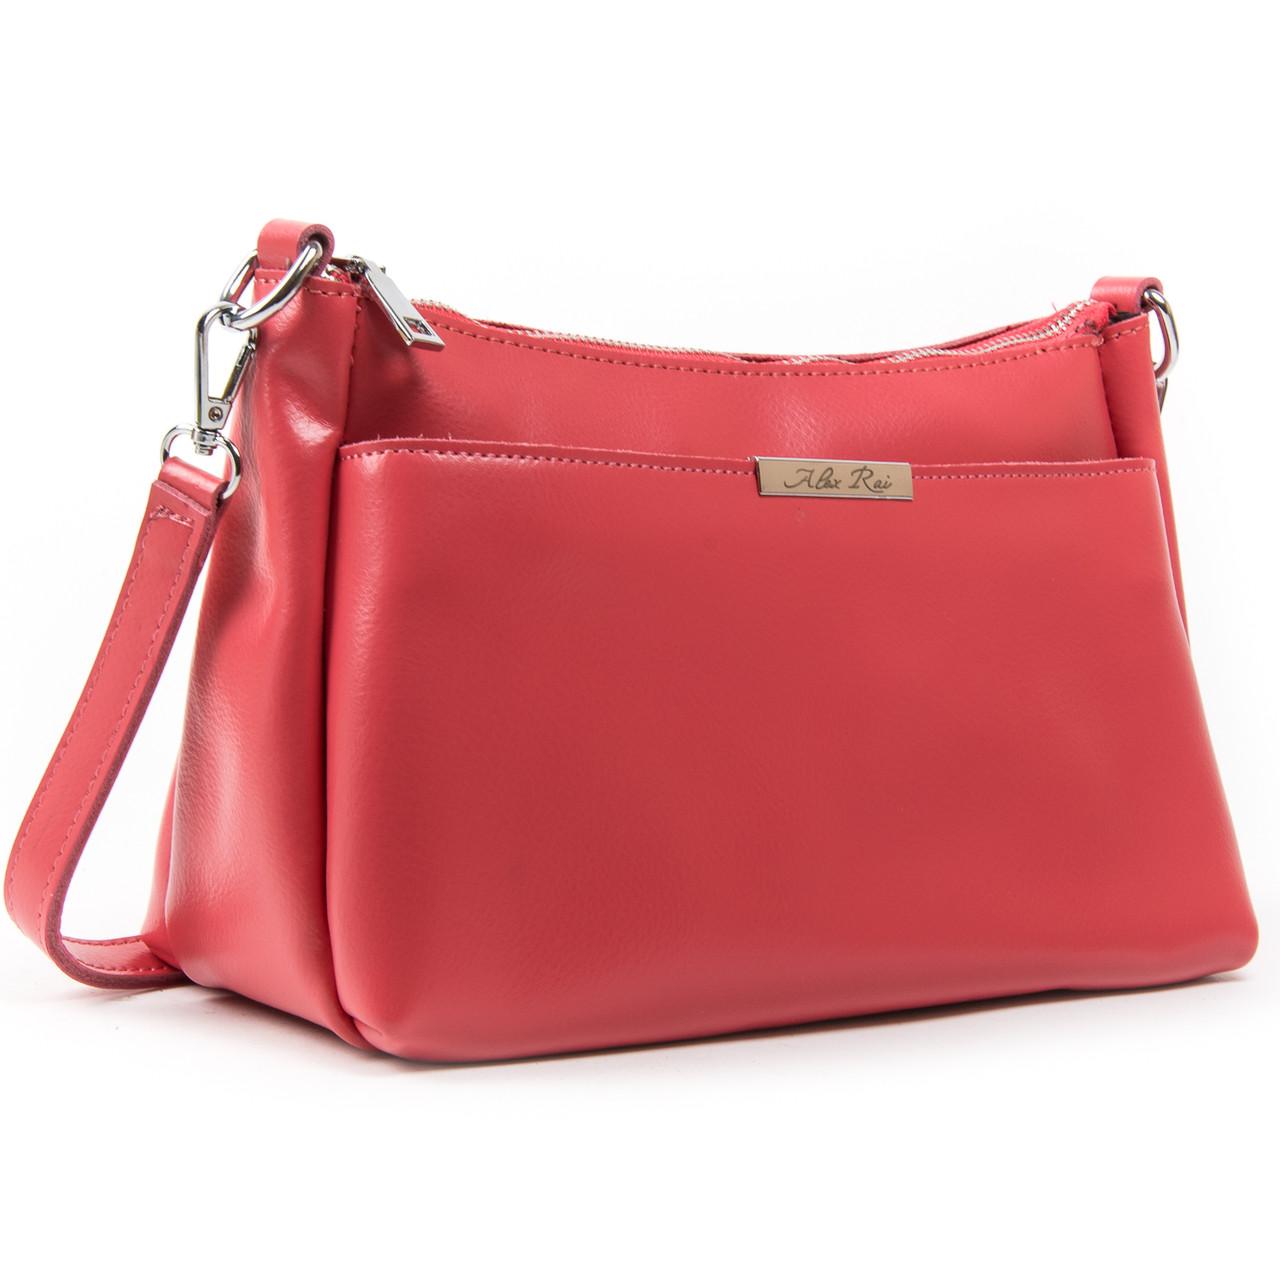 Жіноча сумка шкіряна ALEX RAI різні кольори